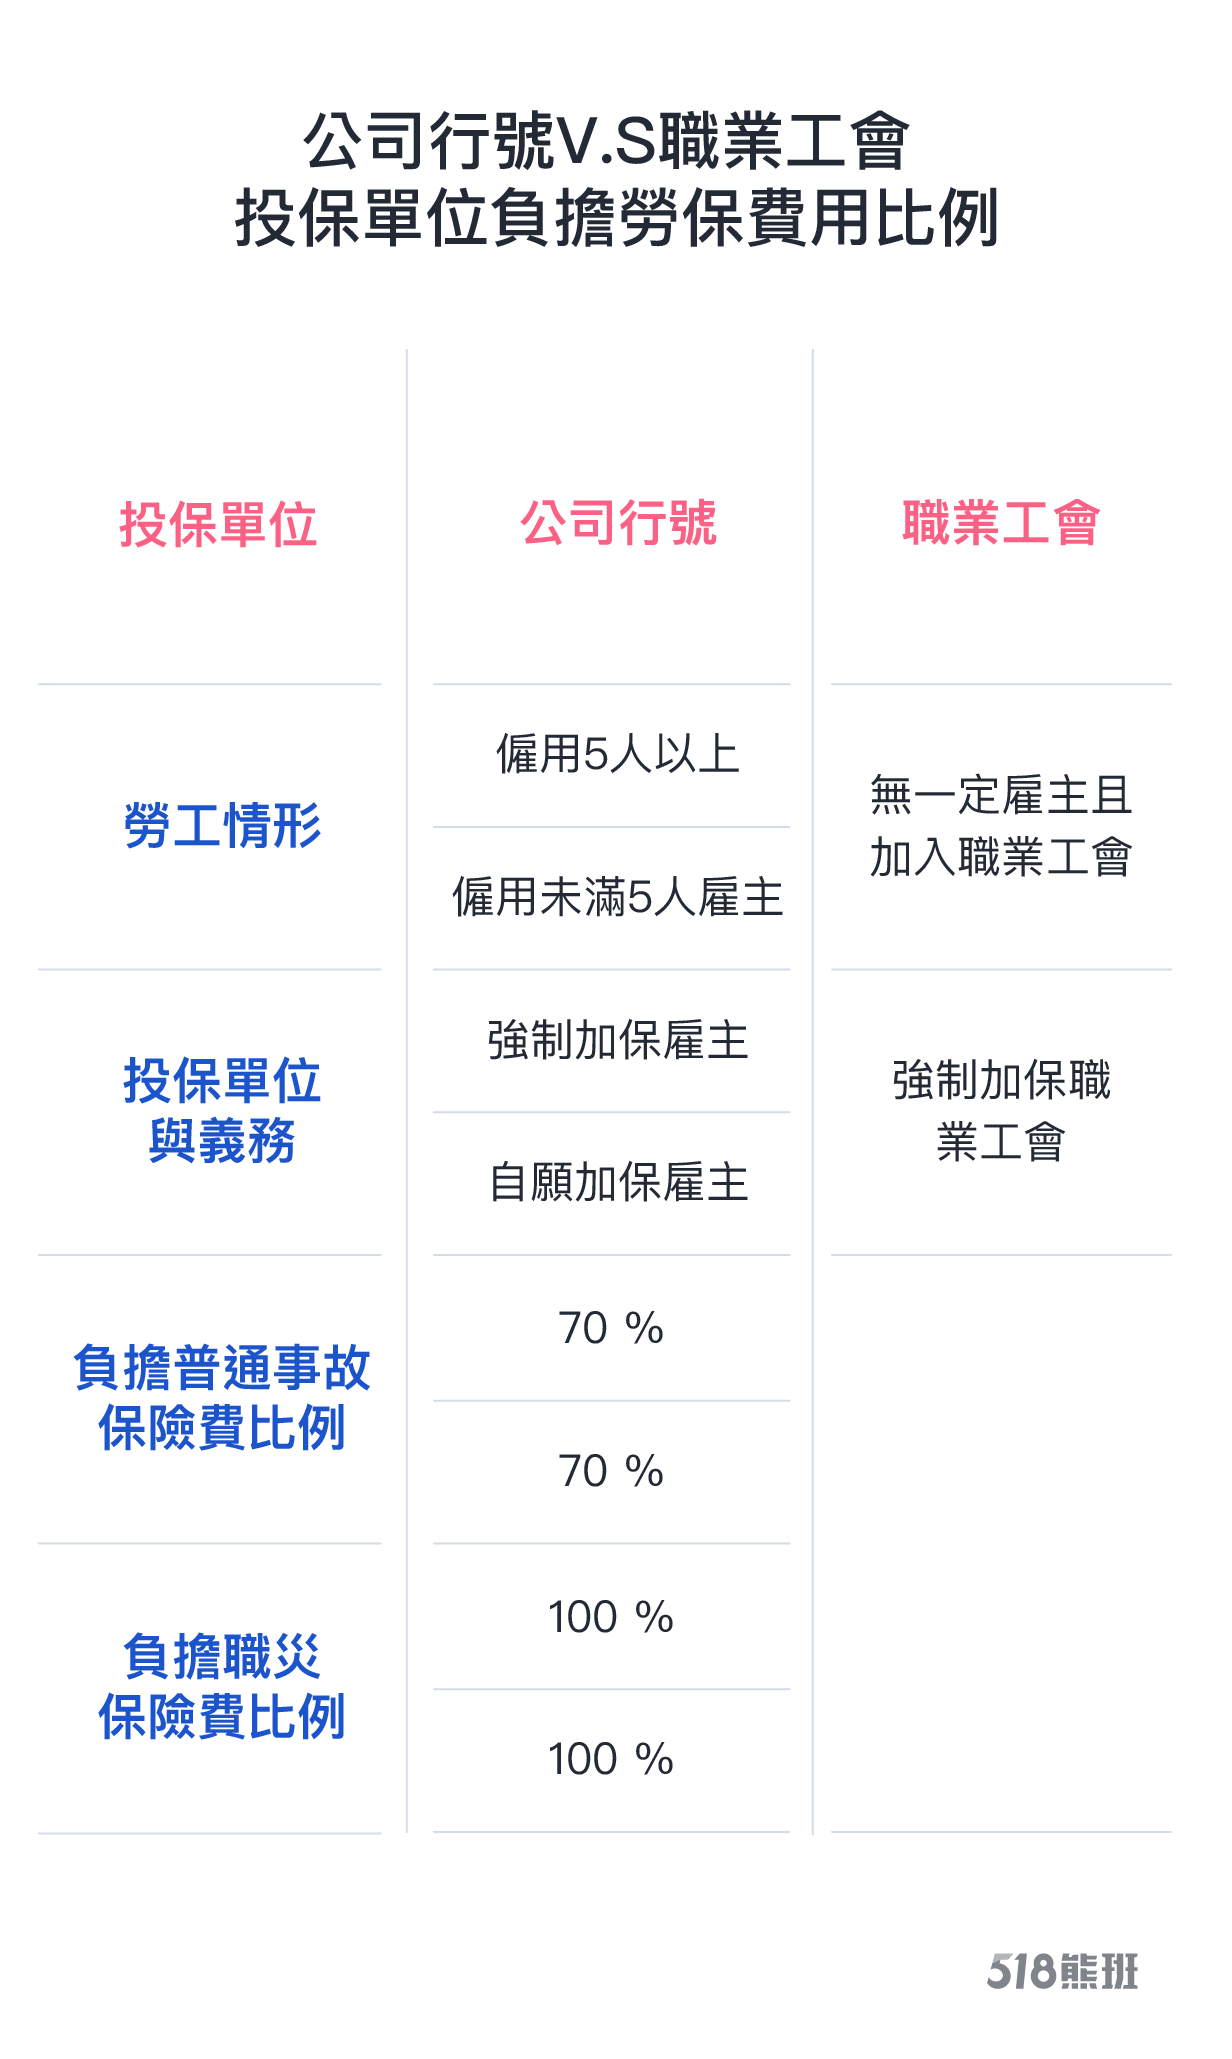 公司行號V.S.職業工會 負擔勞保費用比較表